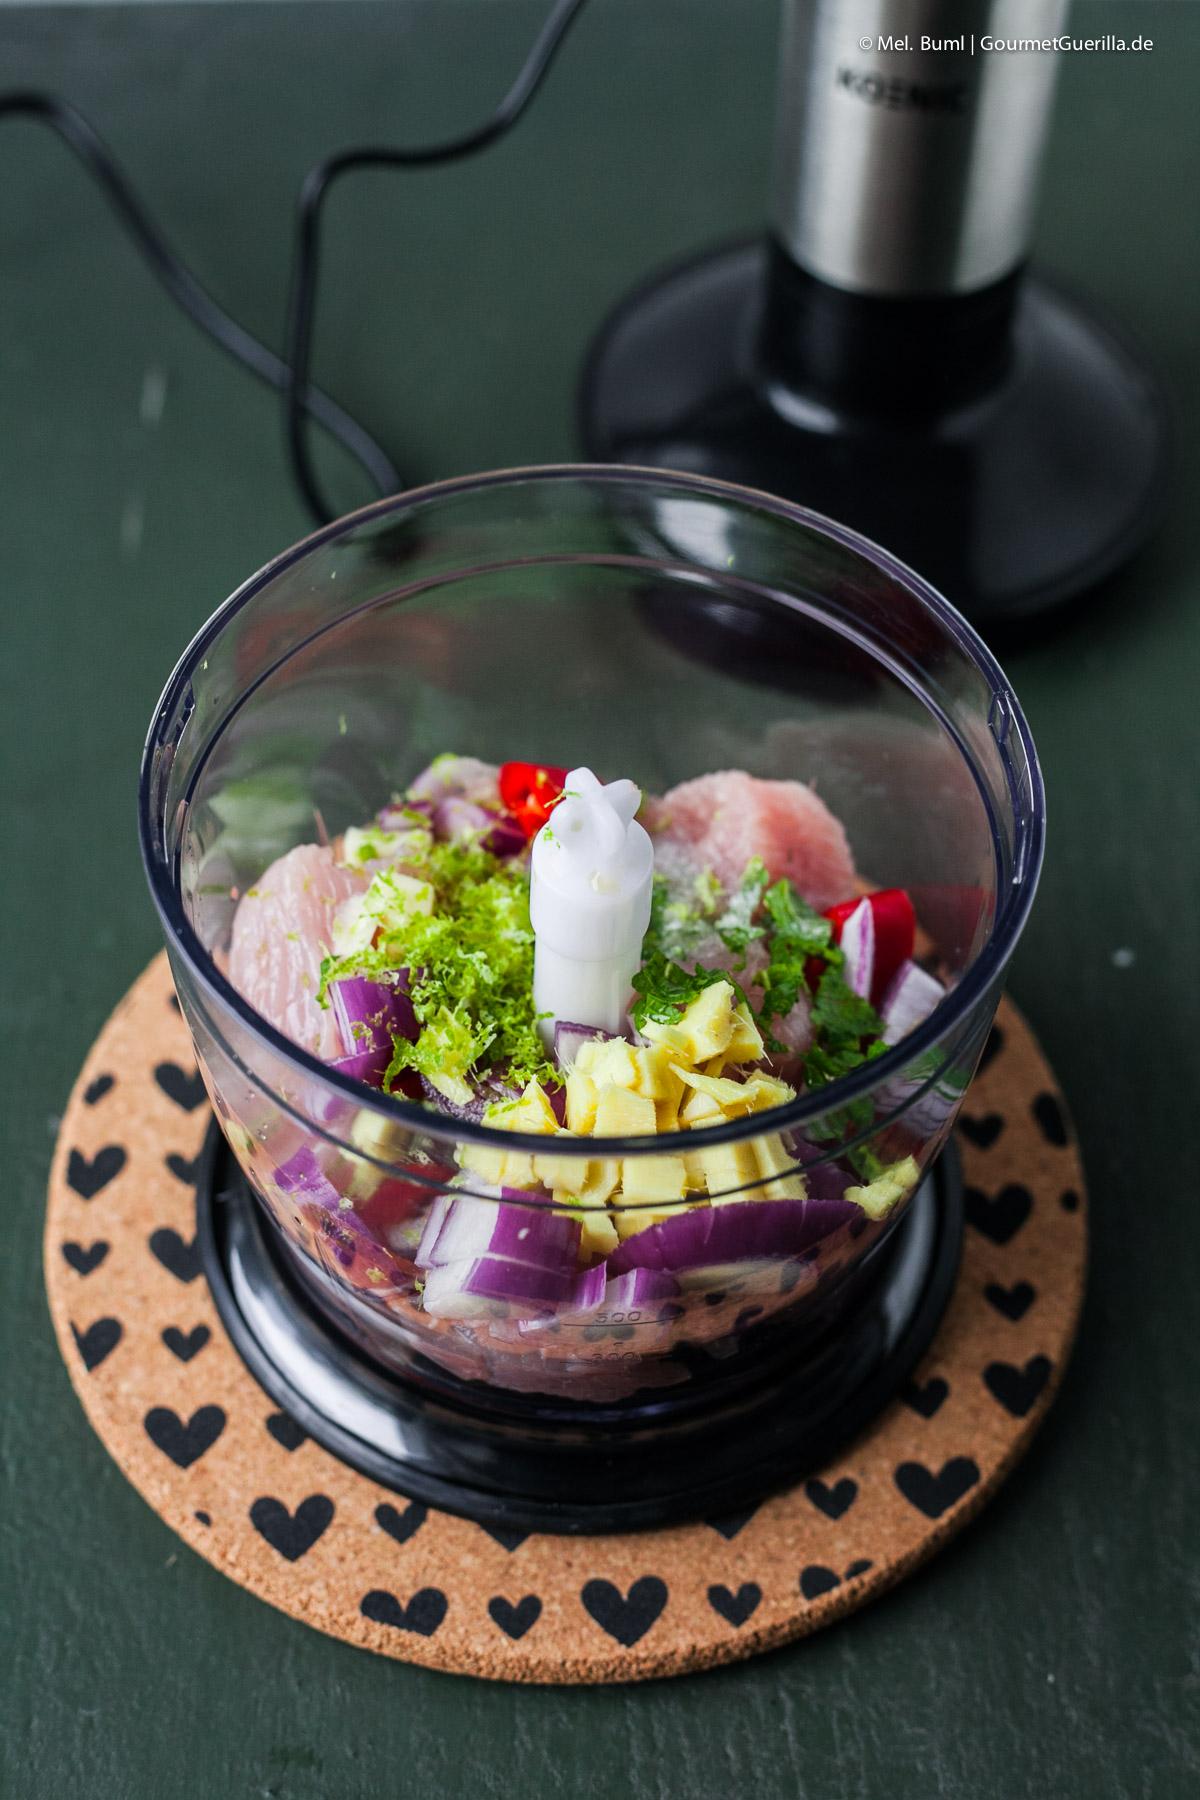 Hackfleisch selber machen für Sommerlicher Reisnudelsalat mit Asia-Pesto und Gefluegelhack-Baellchen |GourmetGuerilla.de